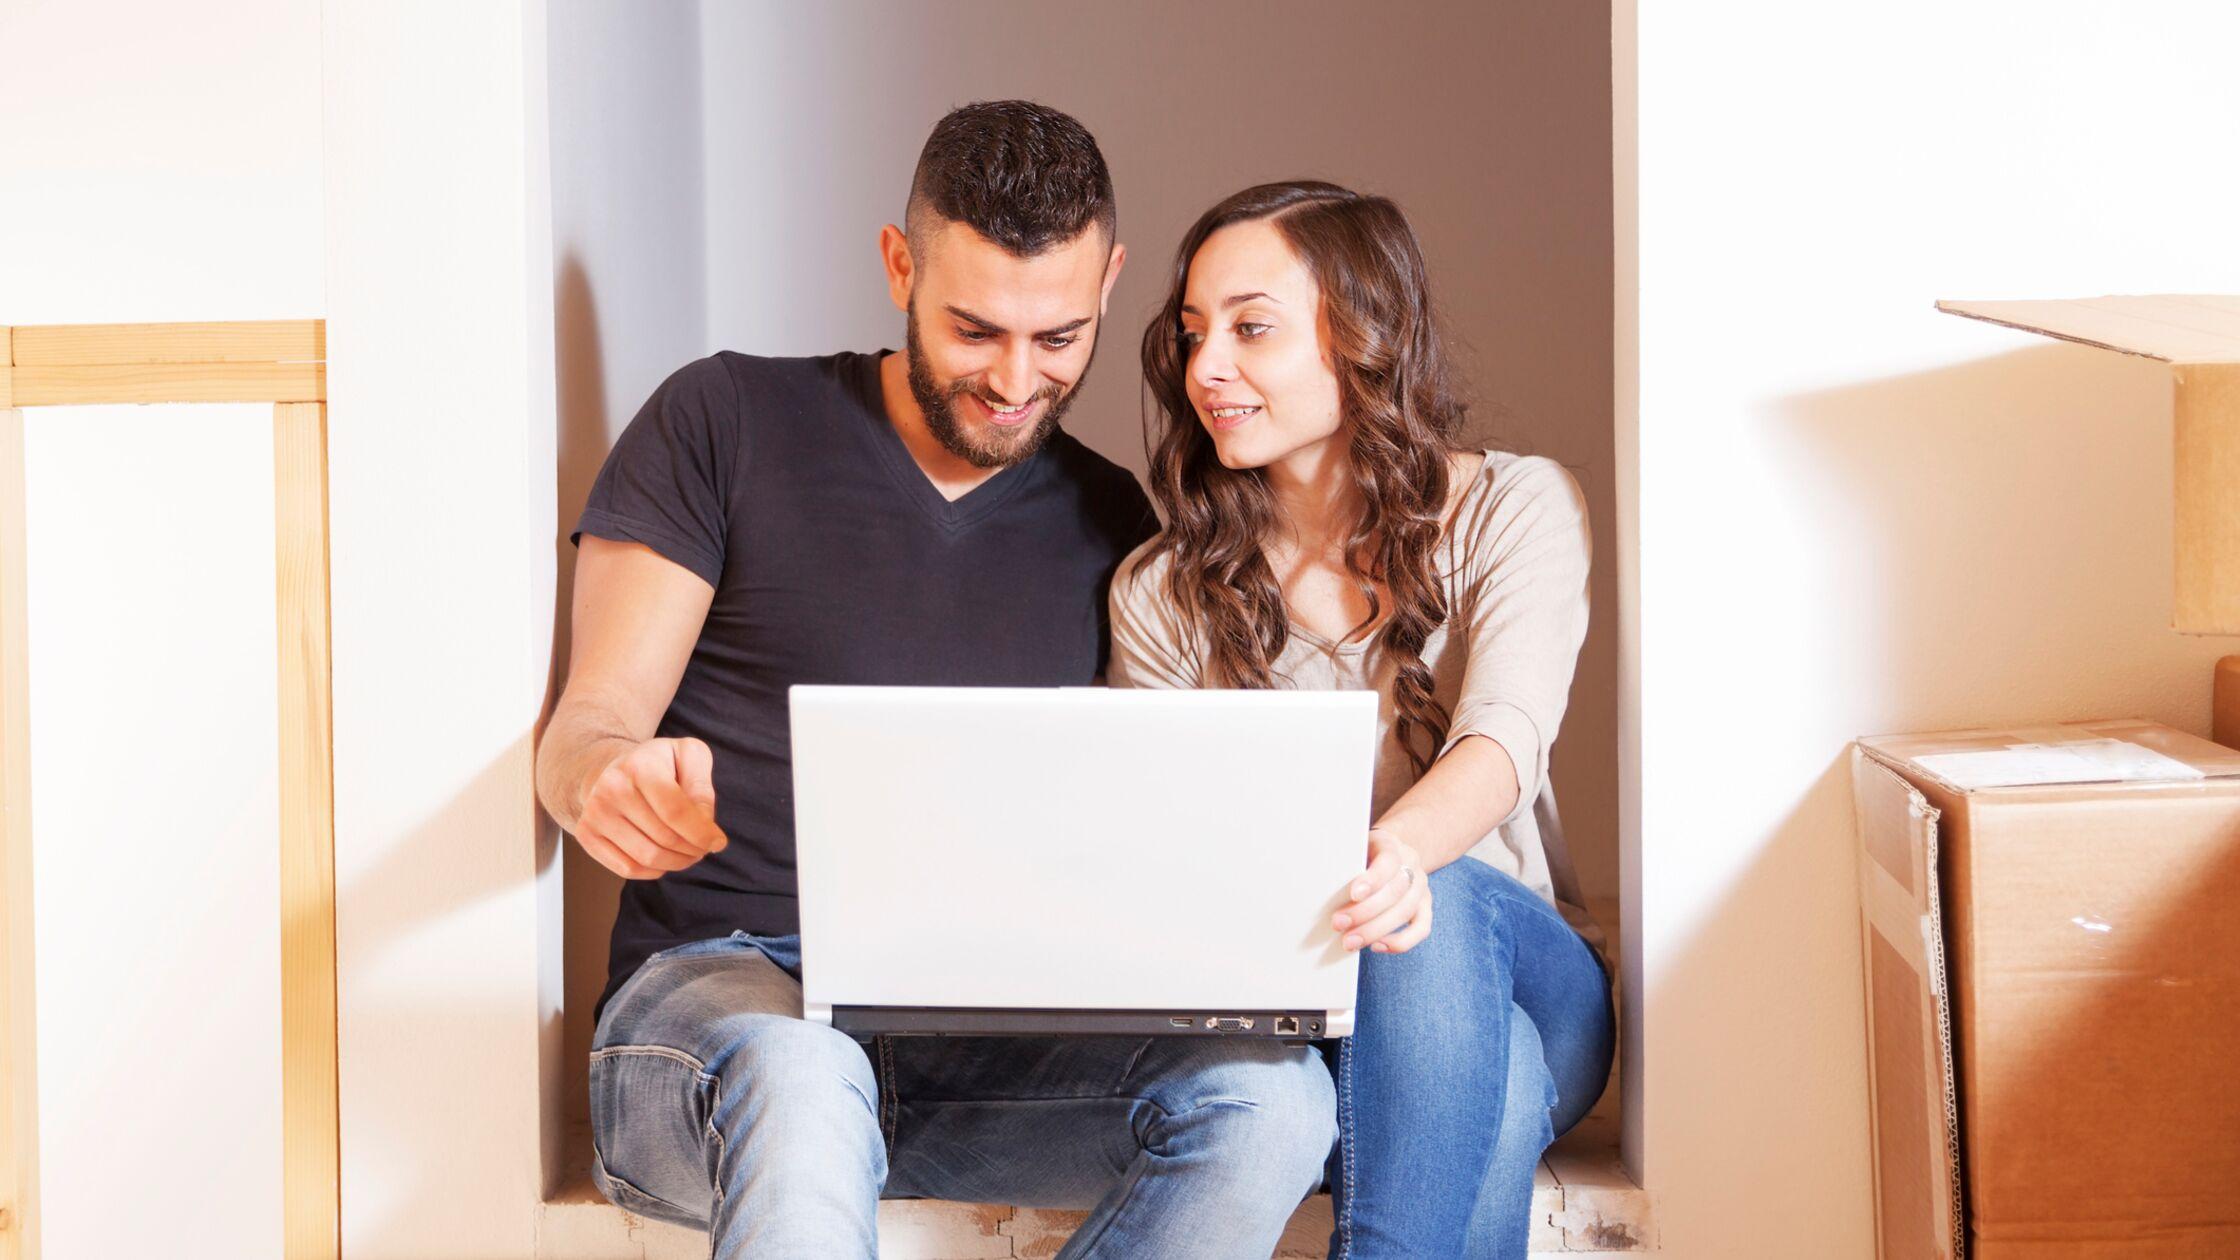 Junges Paar sitzt mit Laptop auf dem Schoß zwischen Umzugskisten